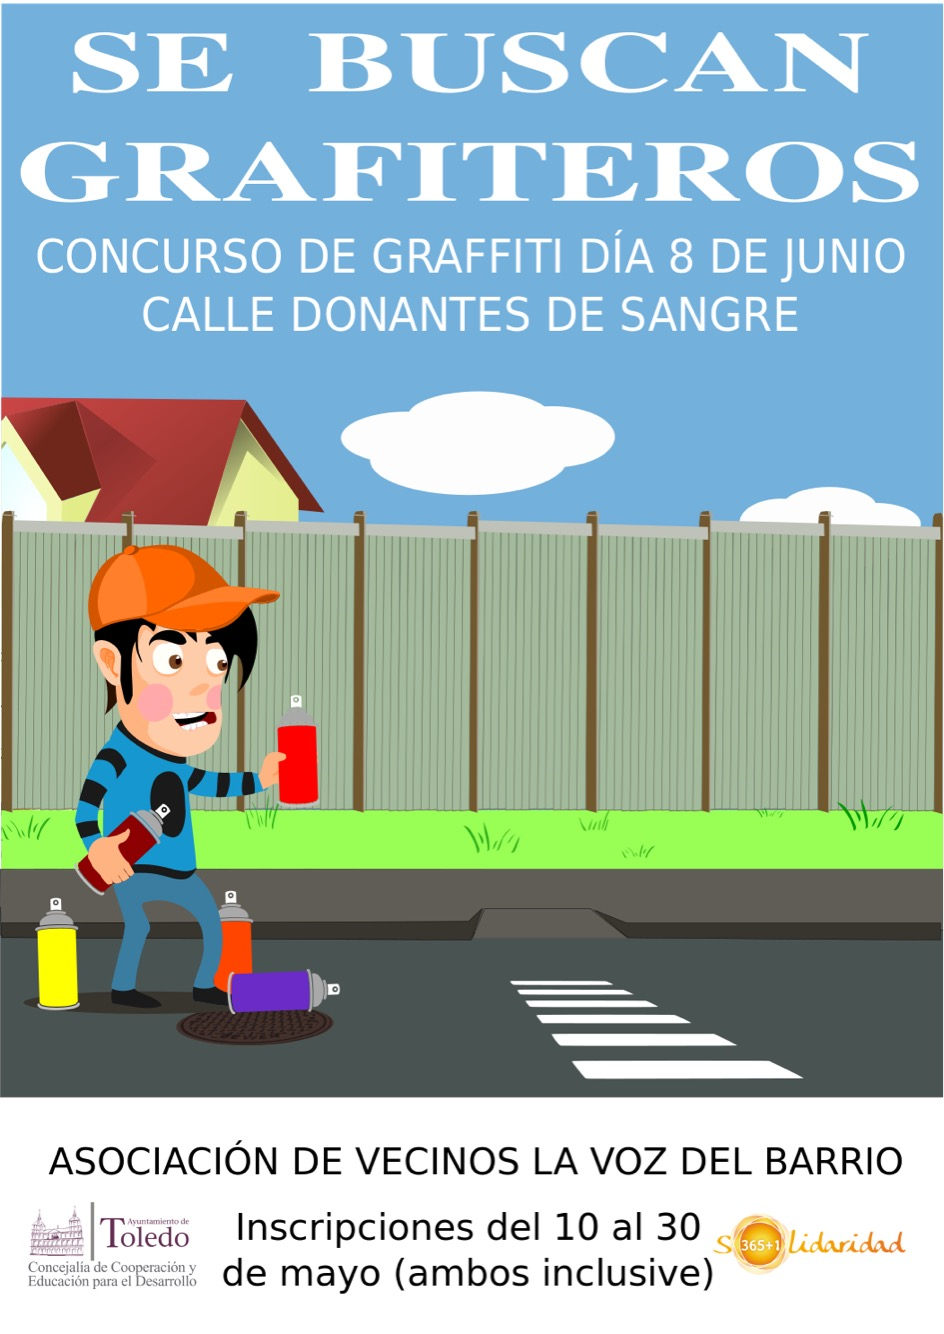 Tienes alma de Banksy? Convocan un concurso de graffitis solidarios ...